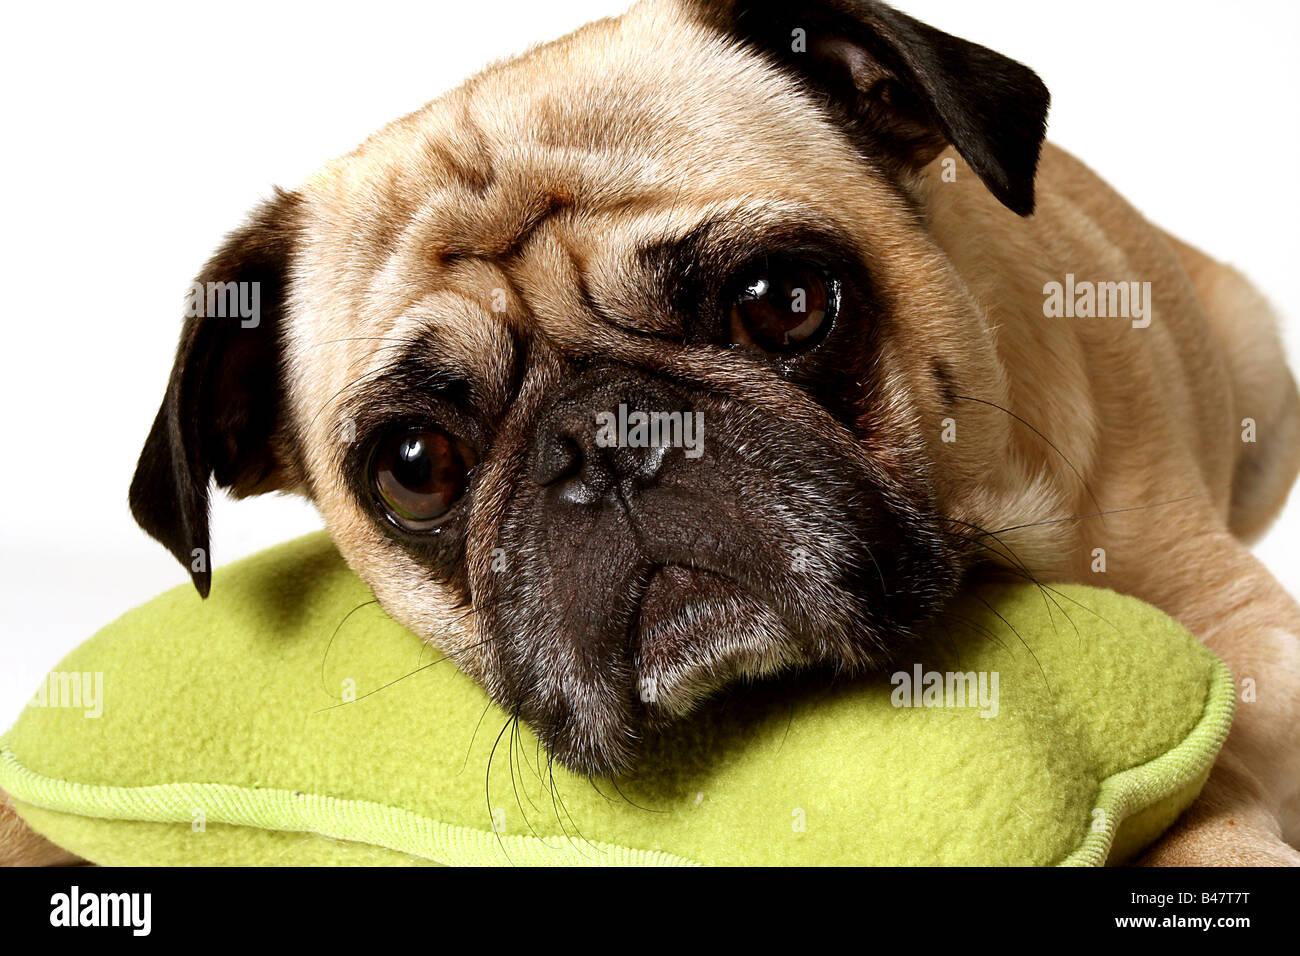 Closeup of a sad Pug. - Stock Image